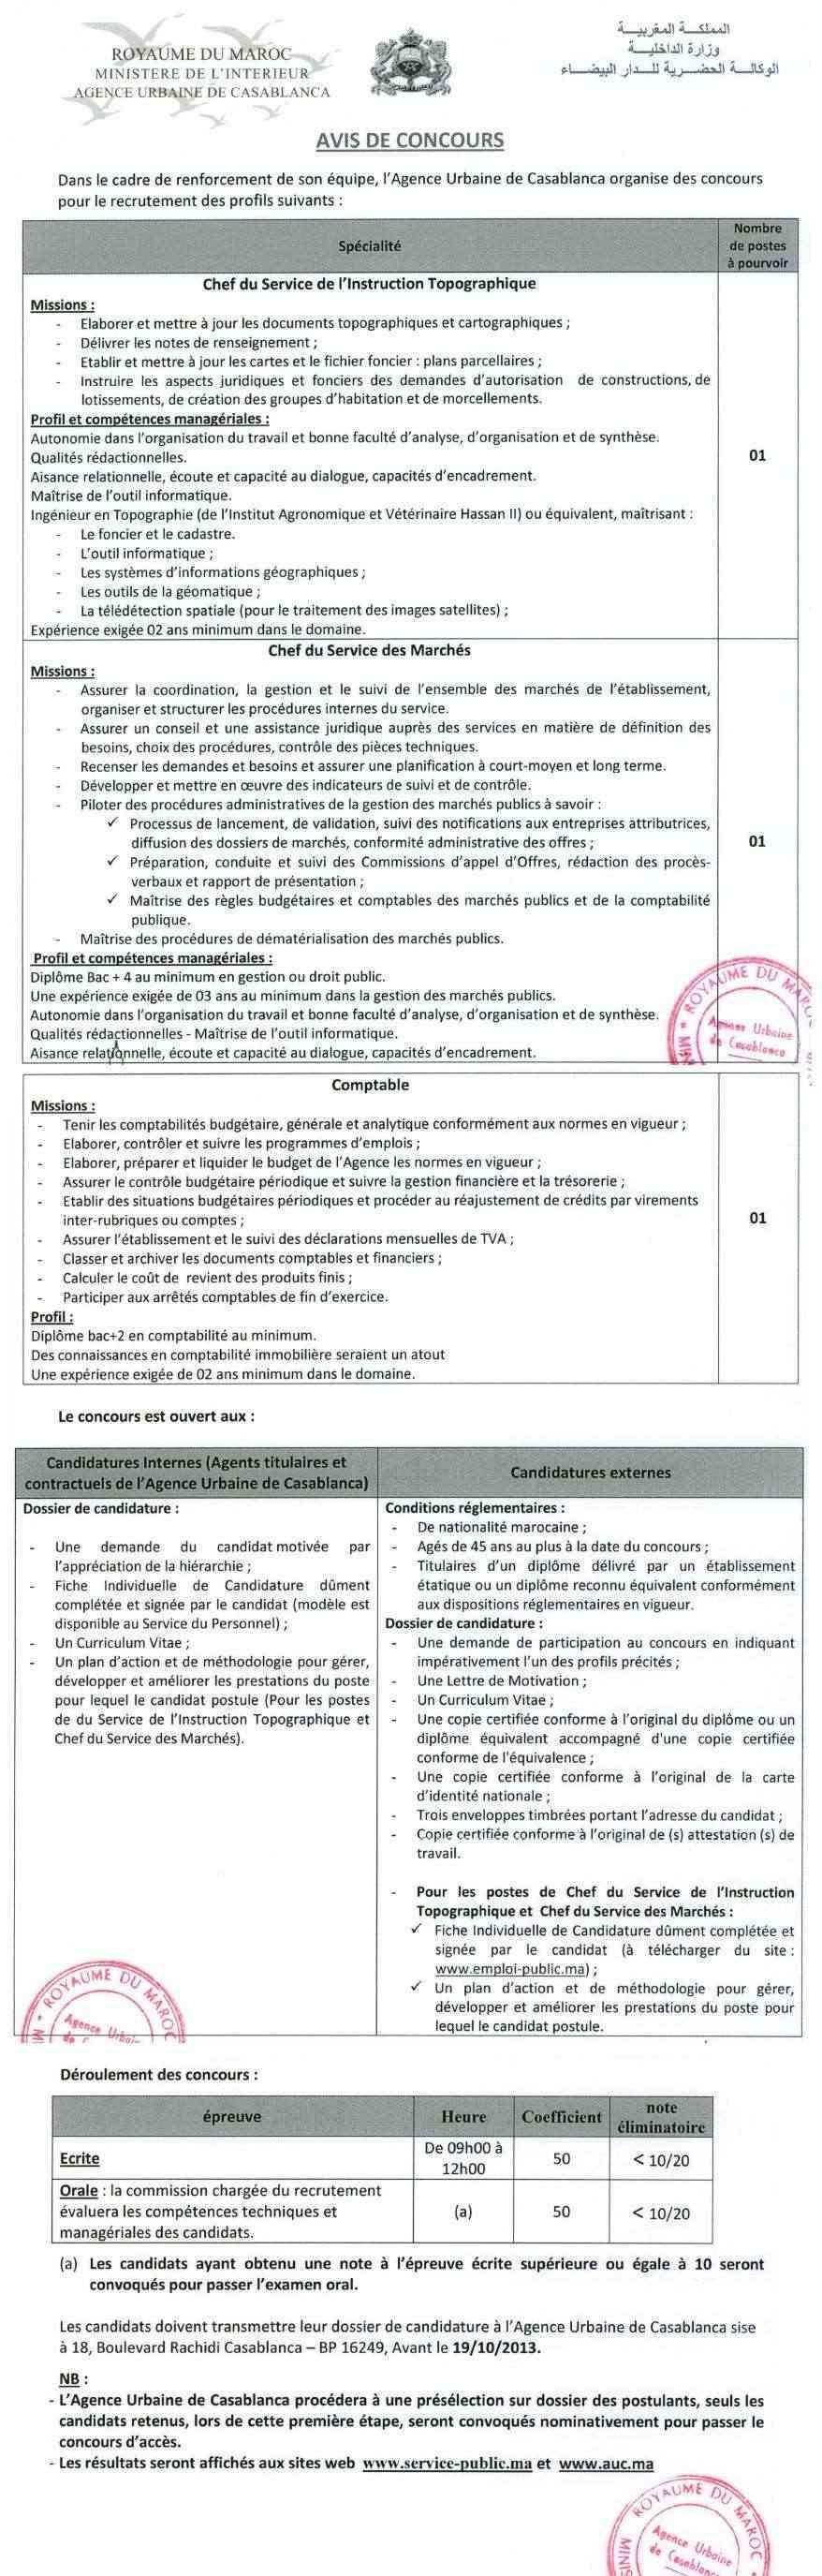 الوكالة الحضرية للدار البيضاء : مباراة لتوظيف مناصب في مجالات مختلفة (3 مناصب) آخر أجل لإيداع الترشيحات 18 اكتوبر 2013  Conco252